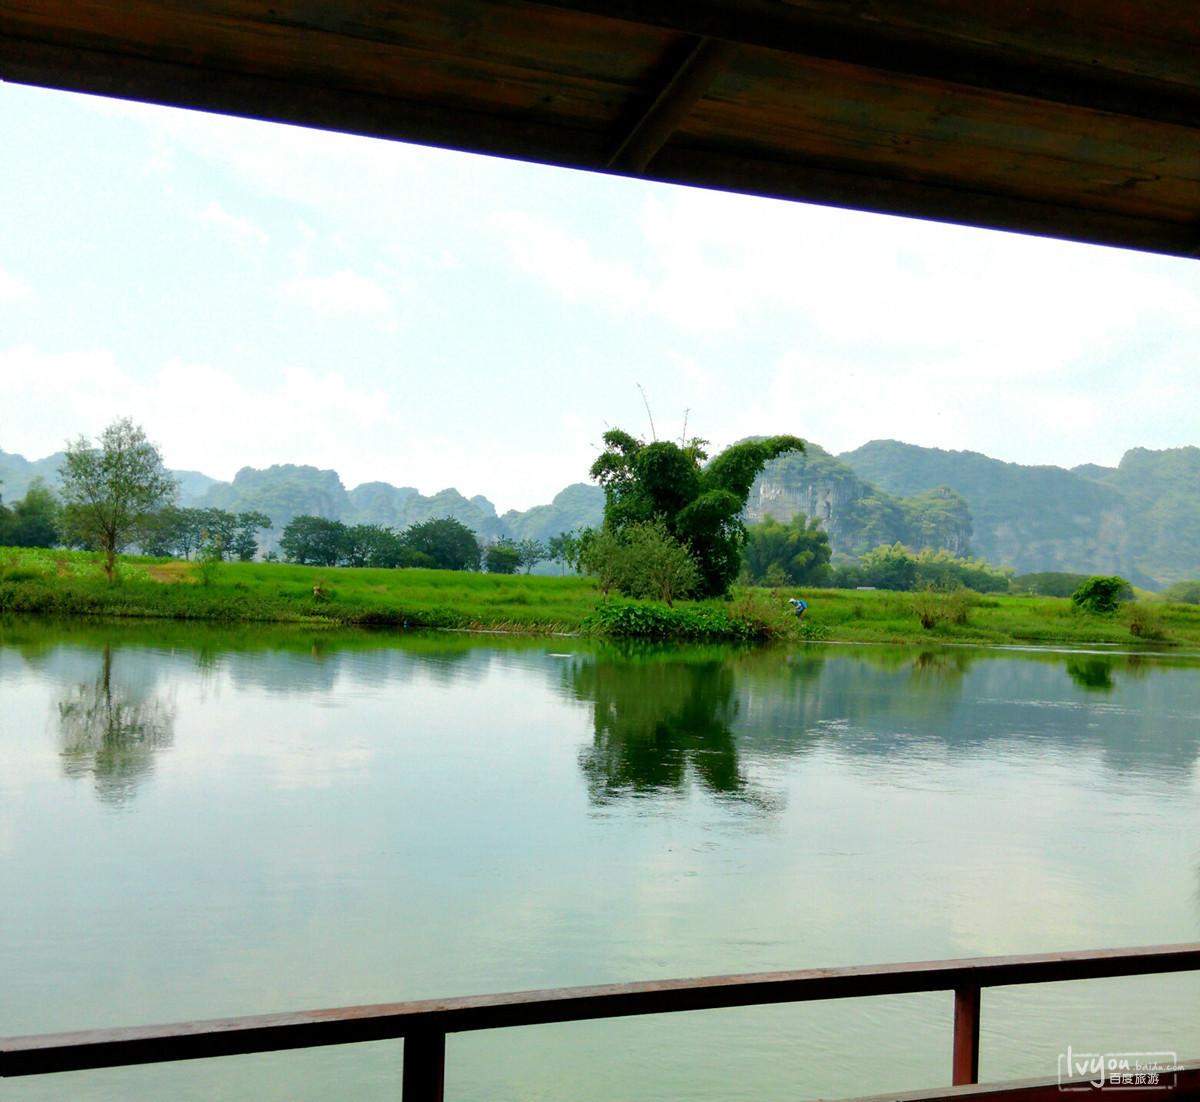 游记攻略 广西南宁上林县 下水源 大龙湖 三里洋渡游记 避暑玩水好